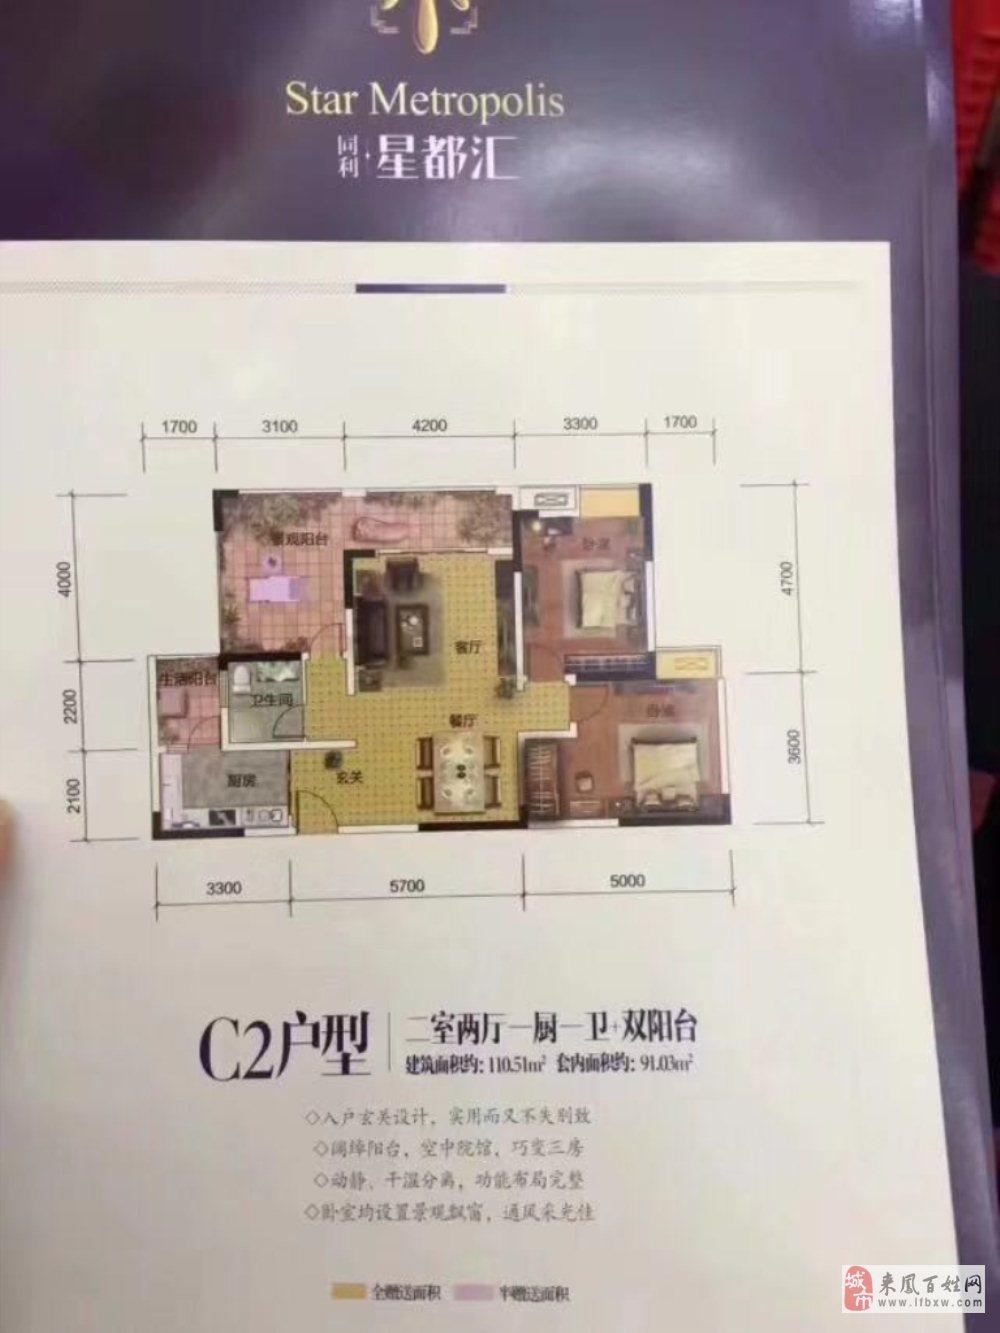 星都汇3室2厅1卫49.5万元